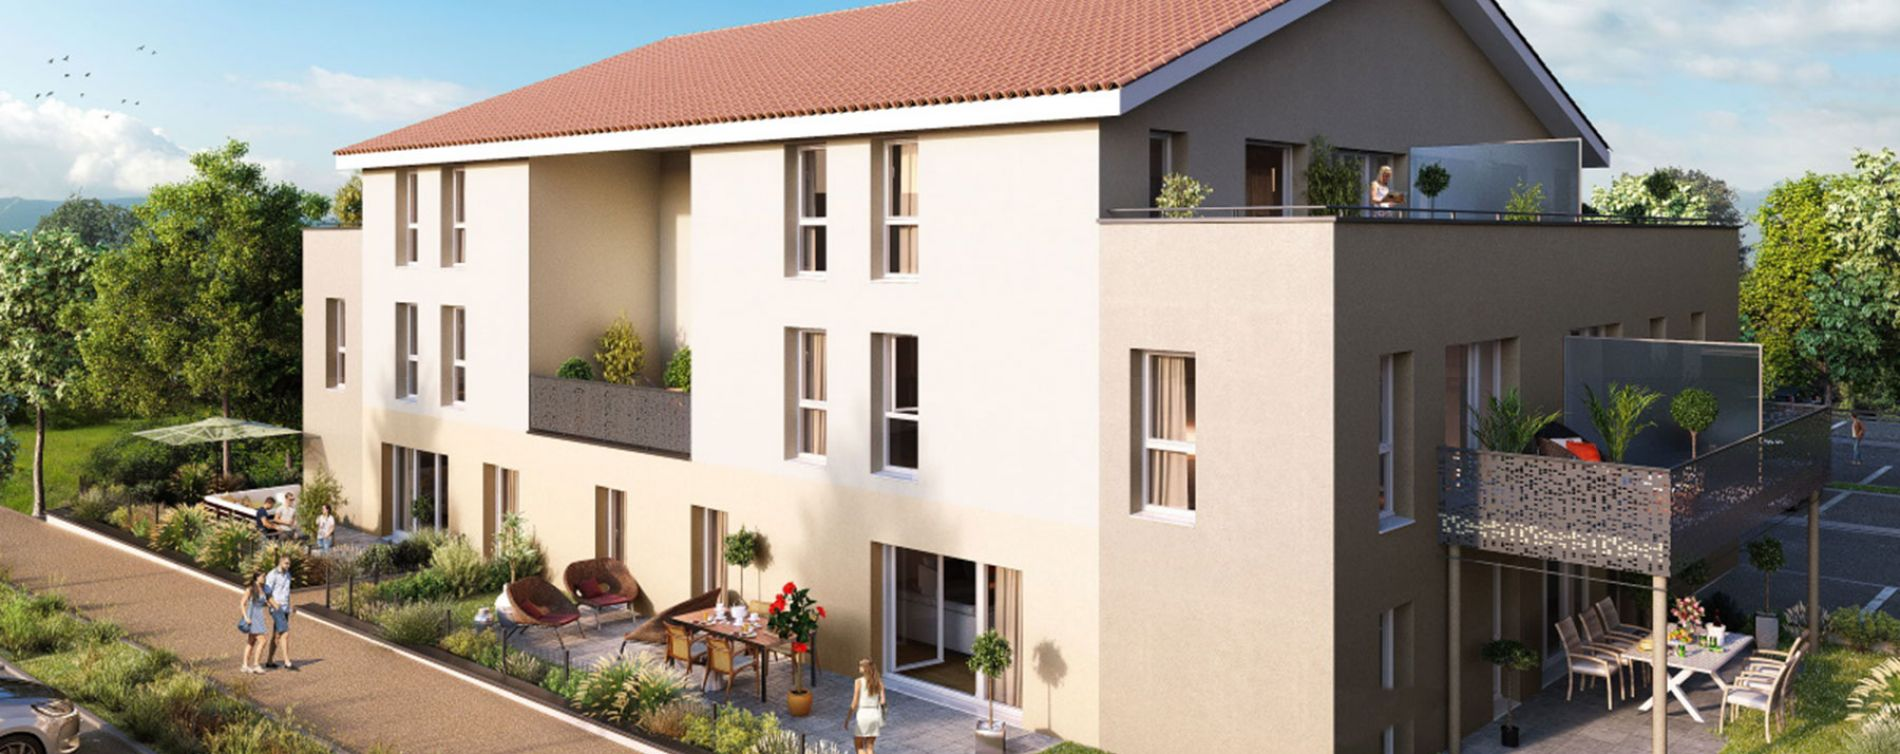 Chasse-sur-Rhône : programme immobilier neuve « Les Terrasses du Pilat » en Loi Pinel